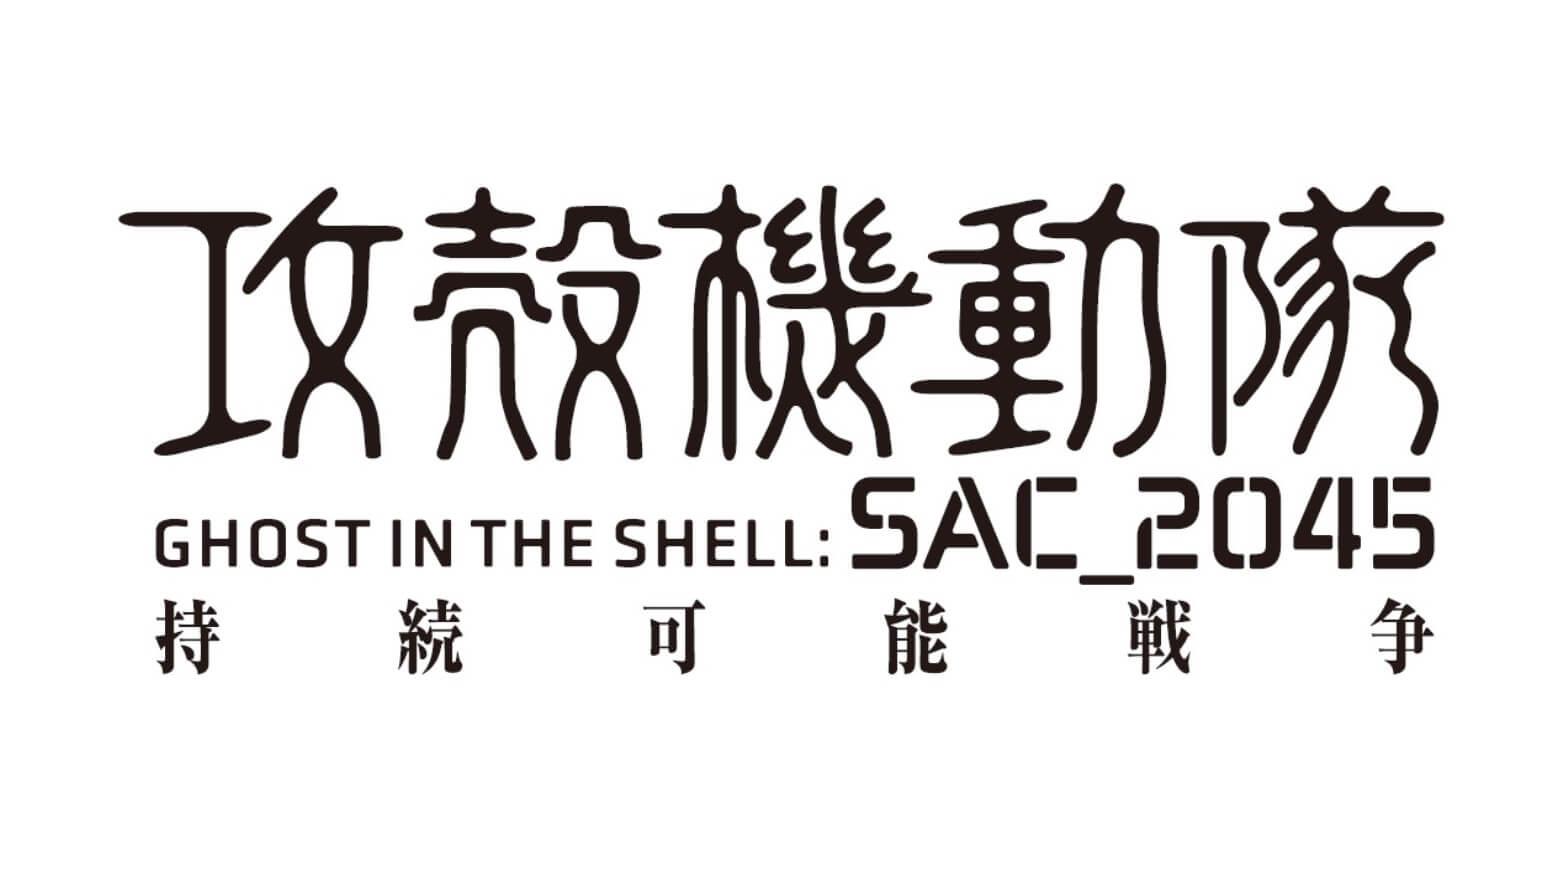 『攻殻機動隊 SAC_2045 持続可能戦争』2021年11月12日(金)劇場公開決定!!